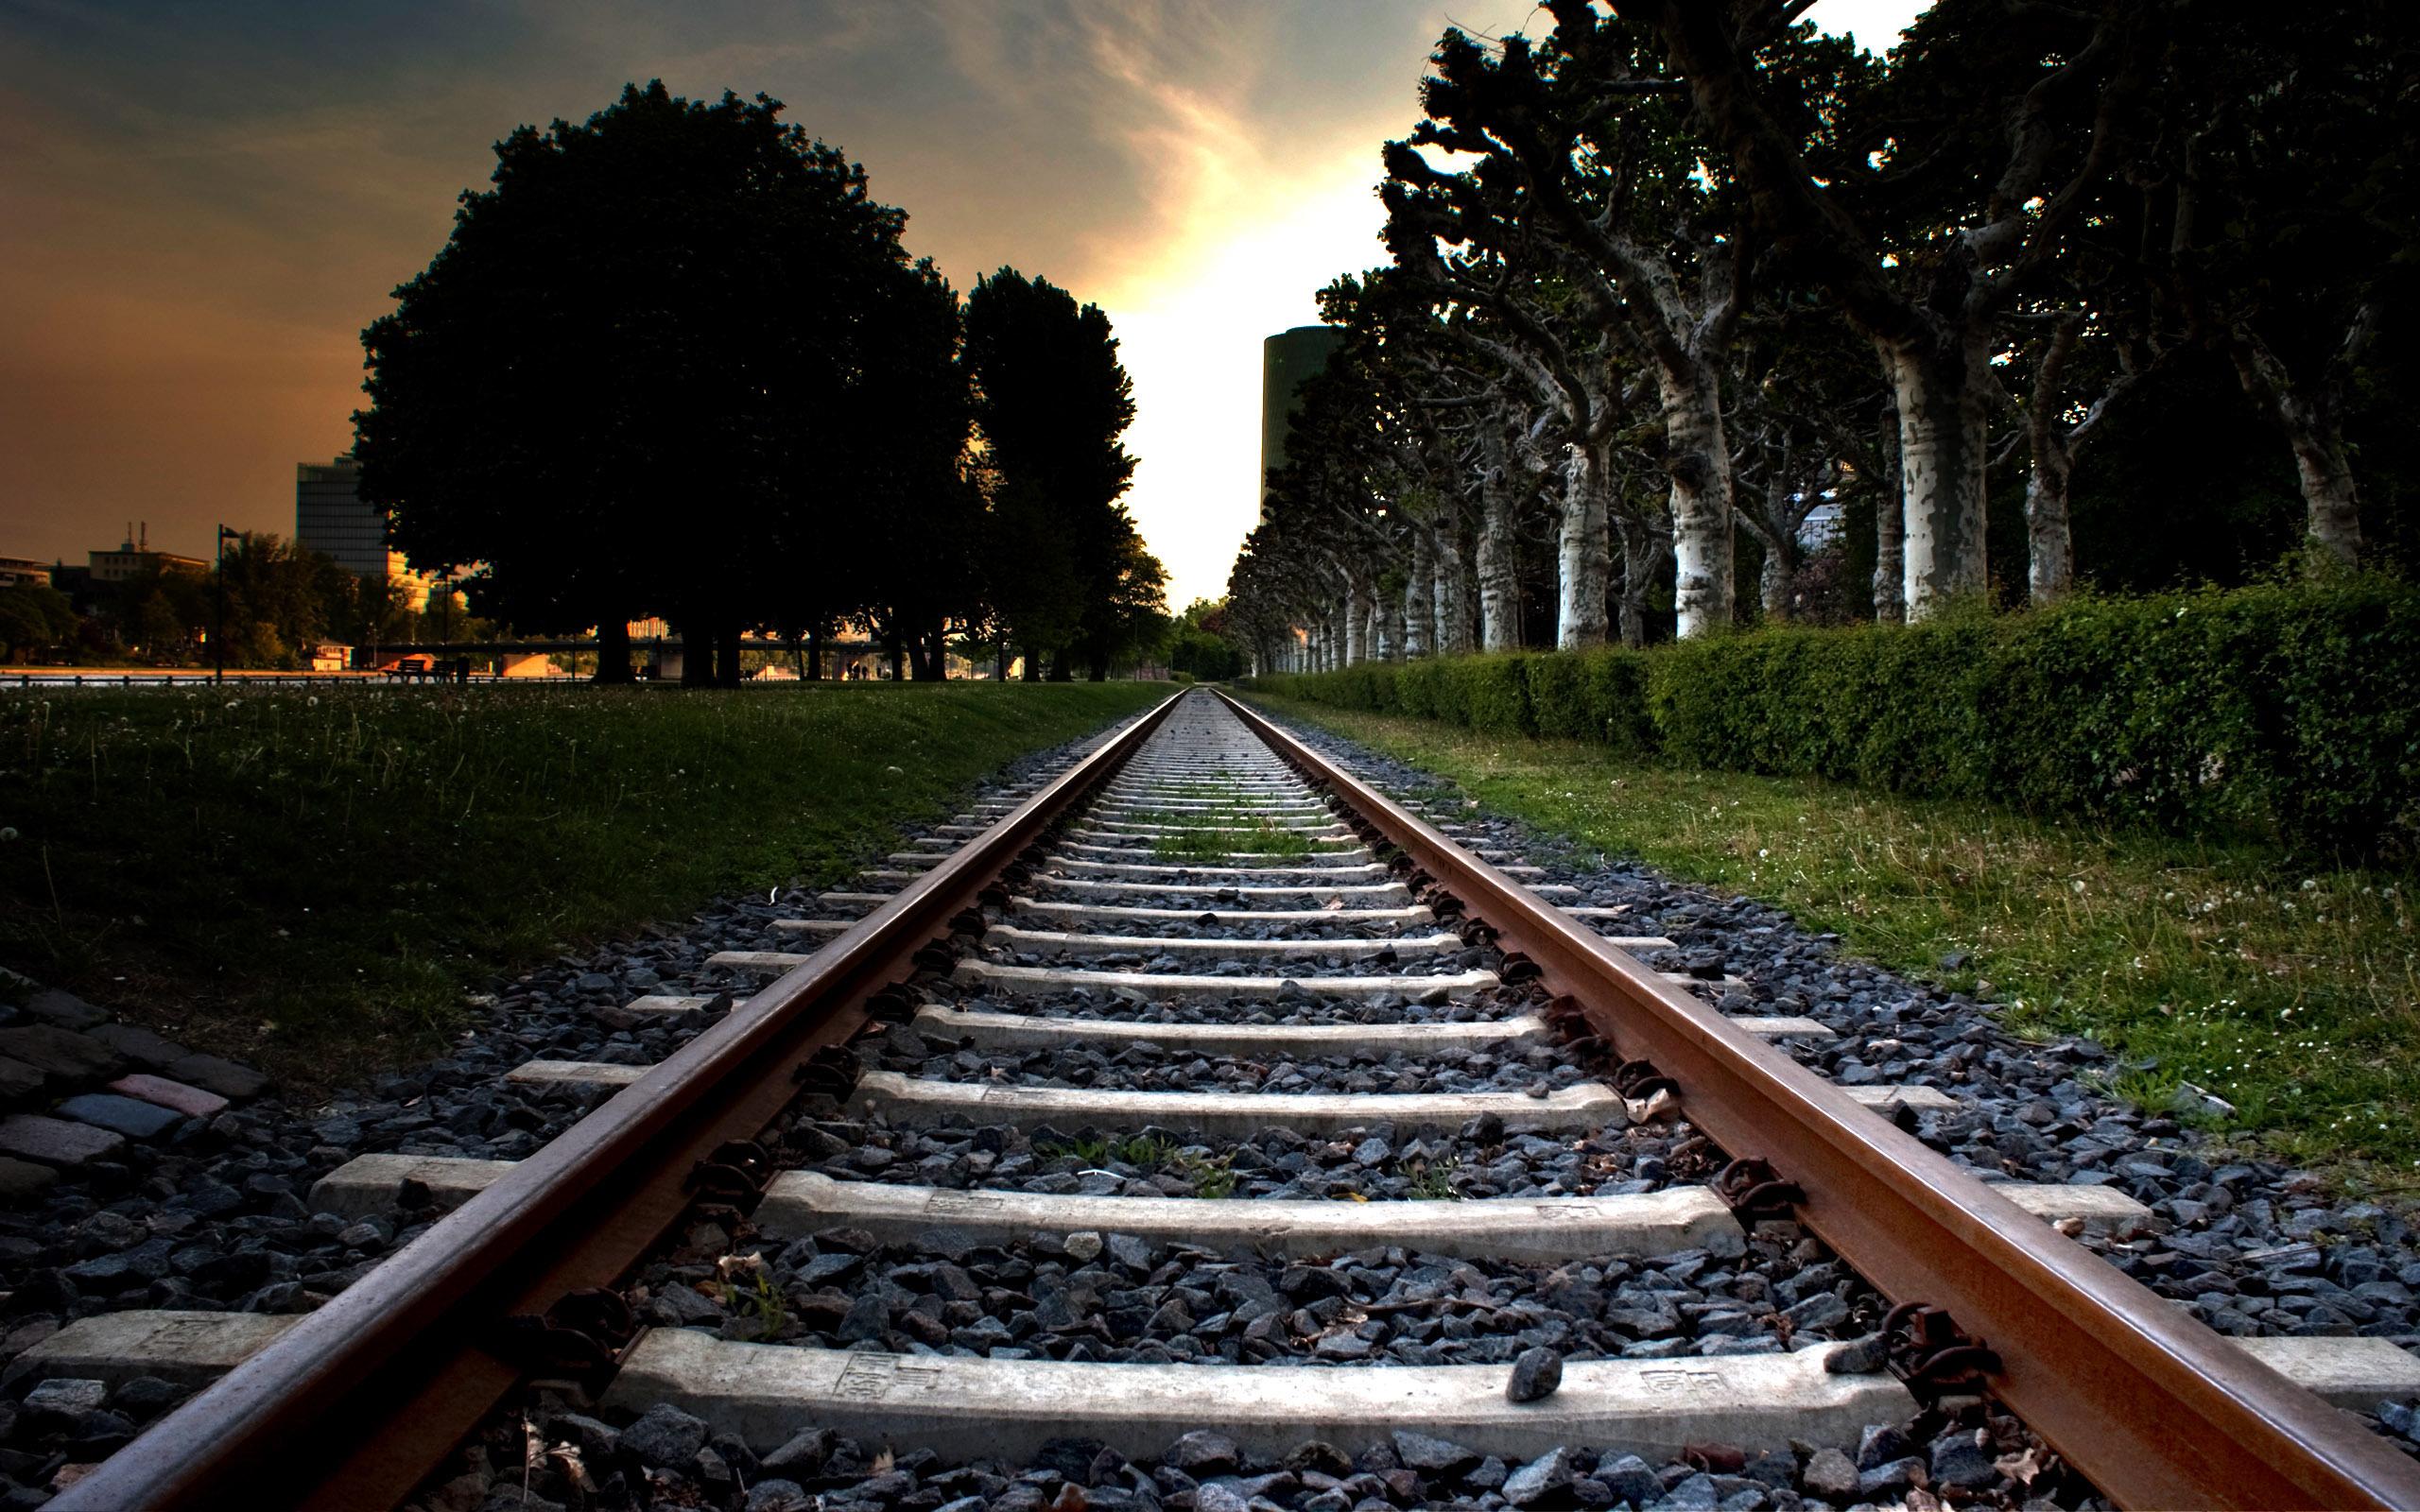 рельсы железная дорога деревья туннель  № 3118400 бесплатно